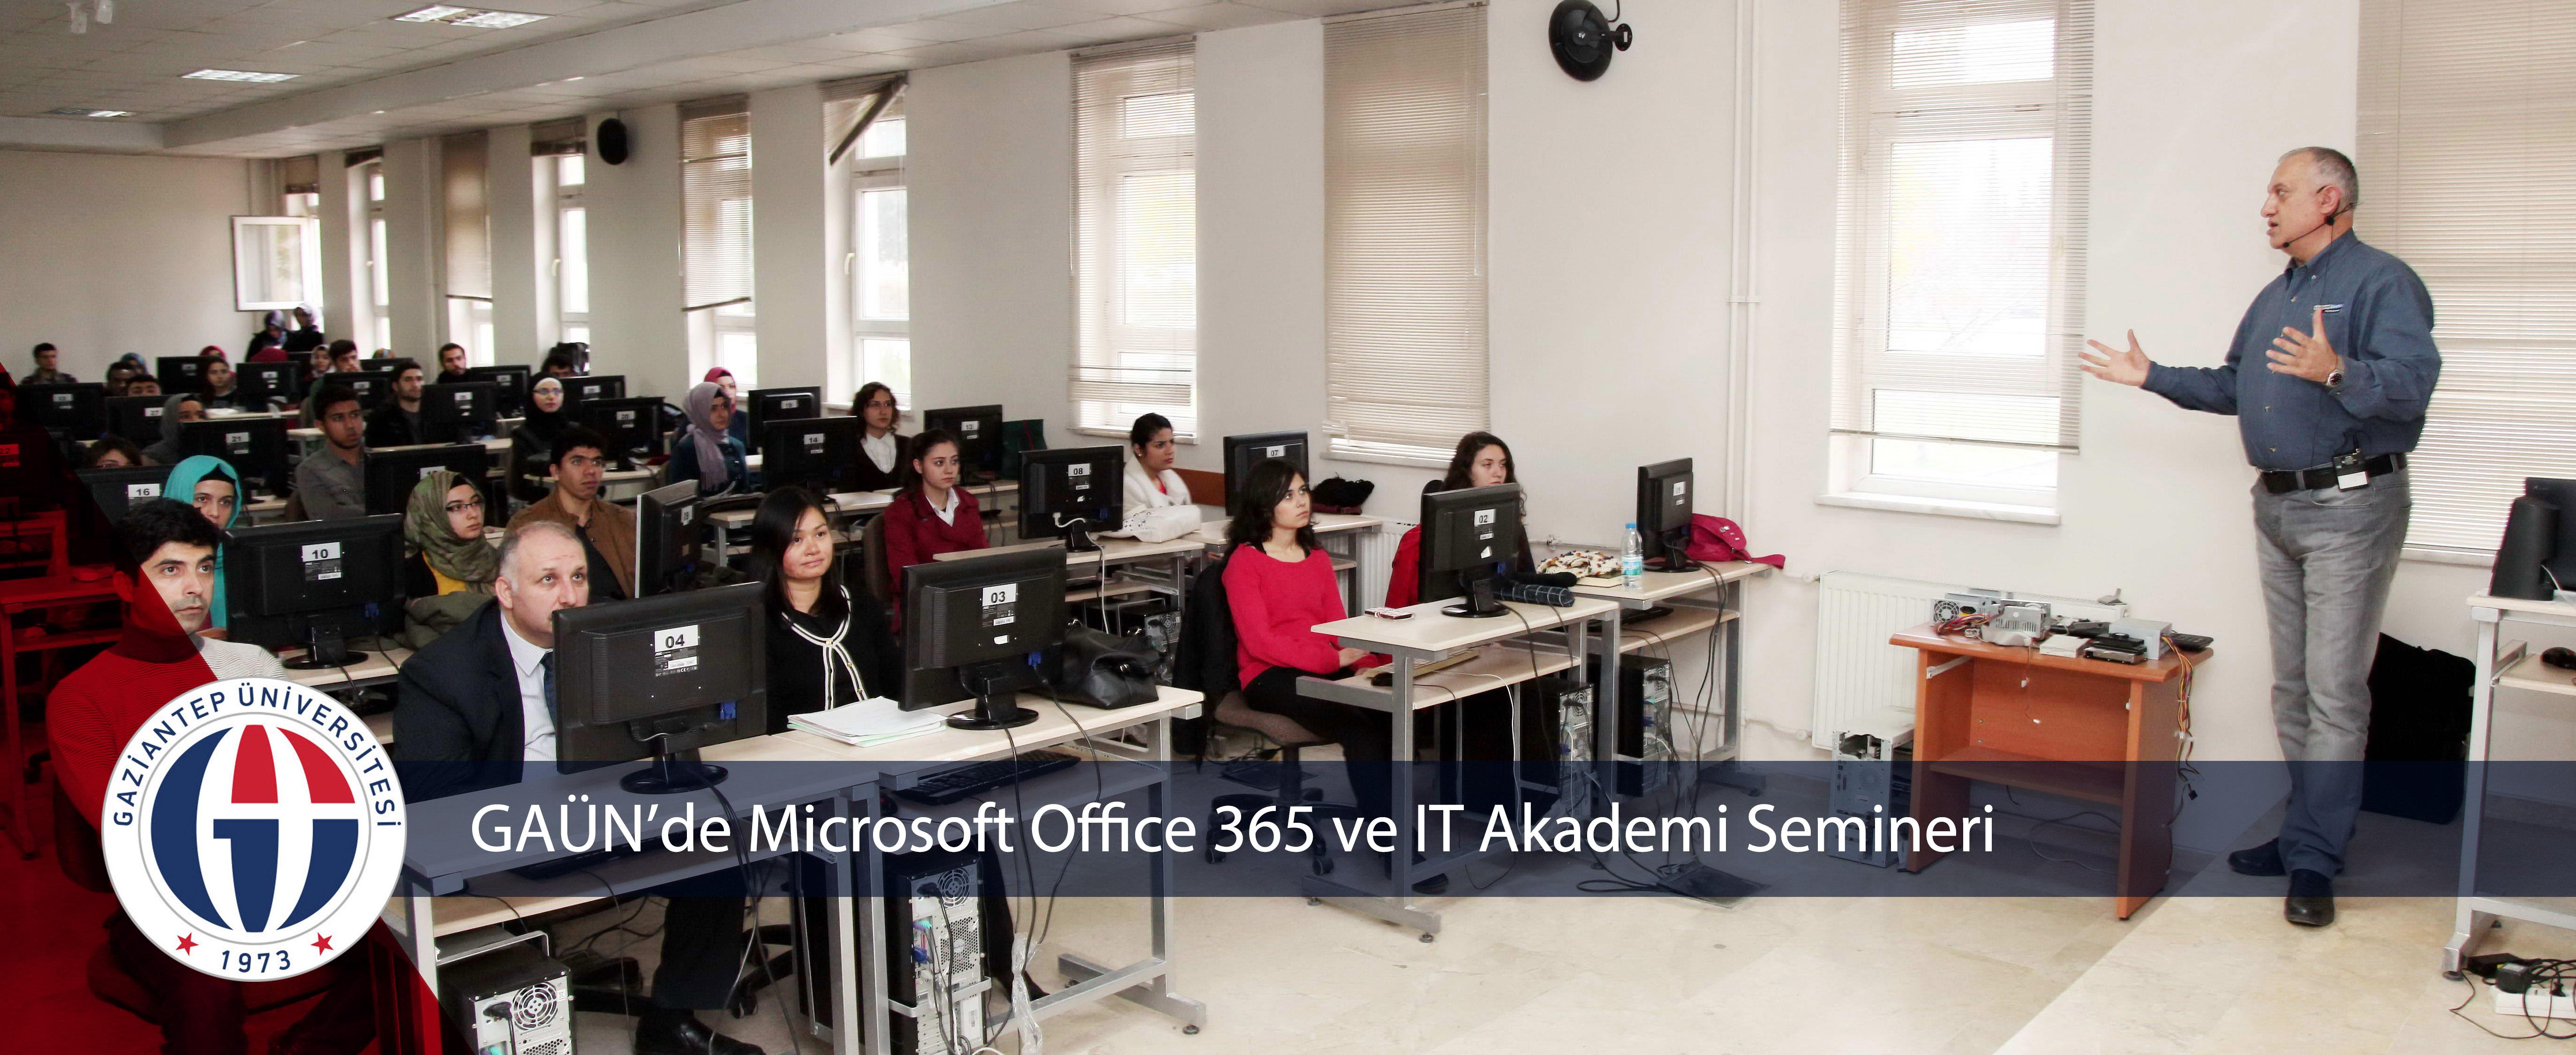 Microsoft Tanıtım Semineri